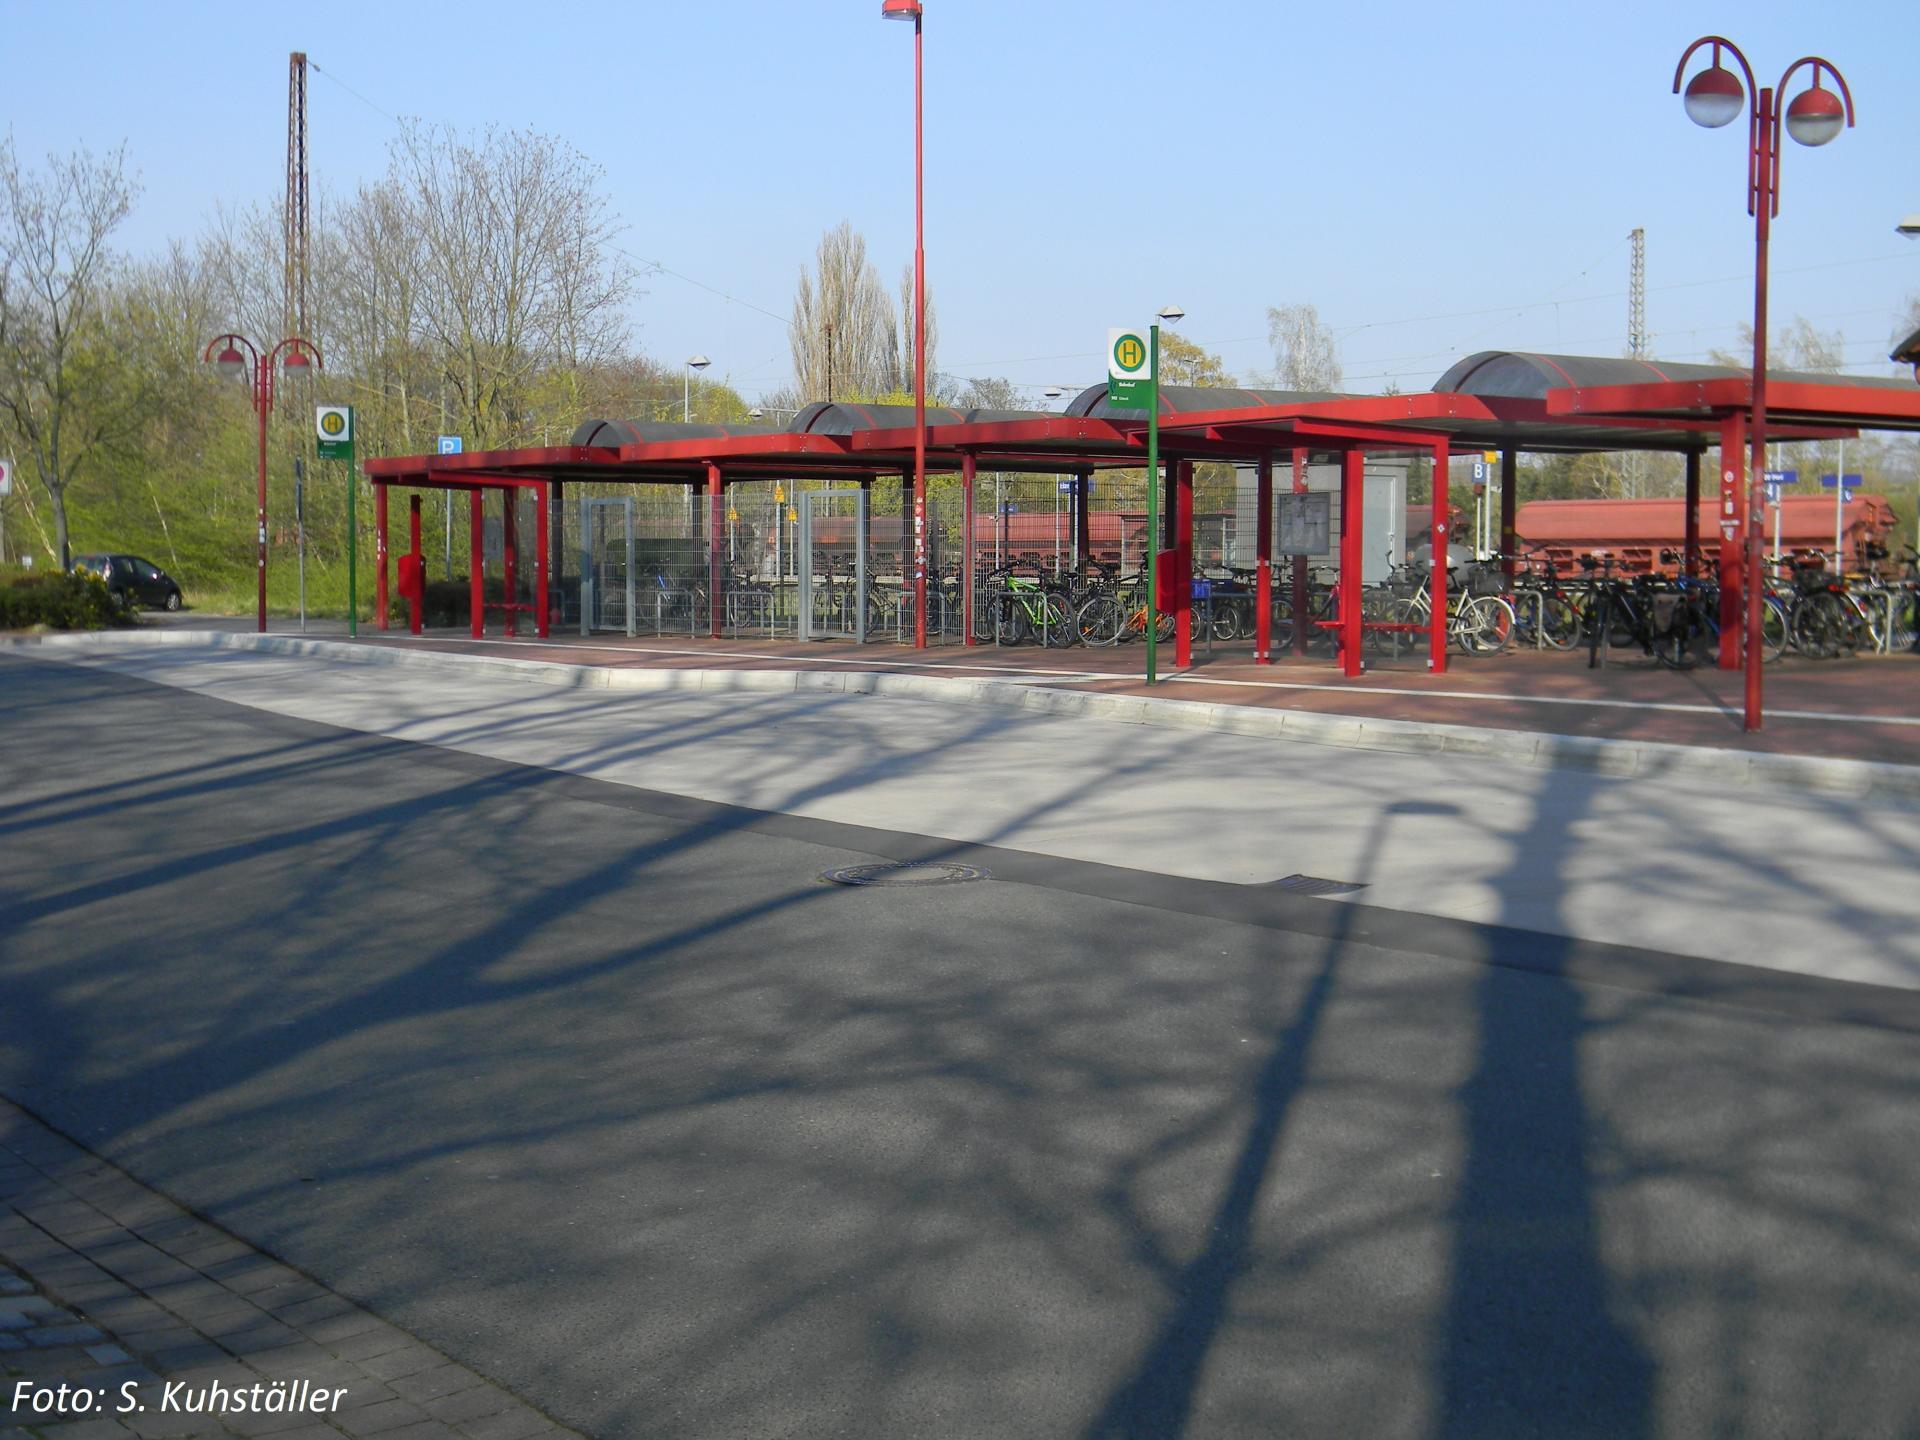 Elze Fahrradboxen  (1)